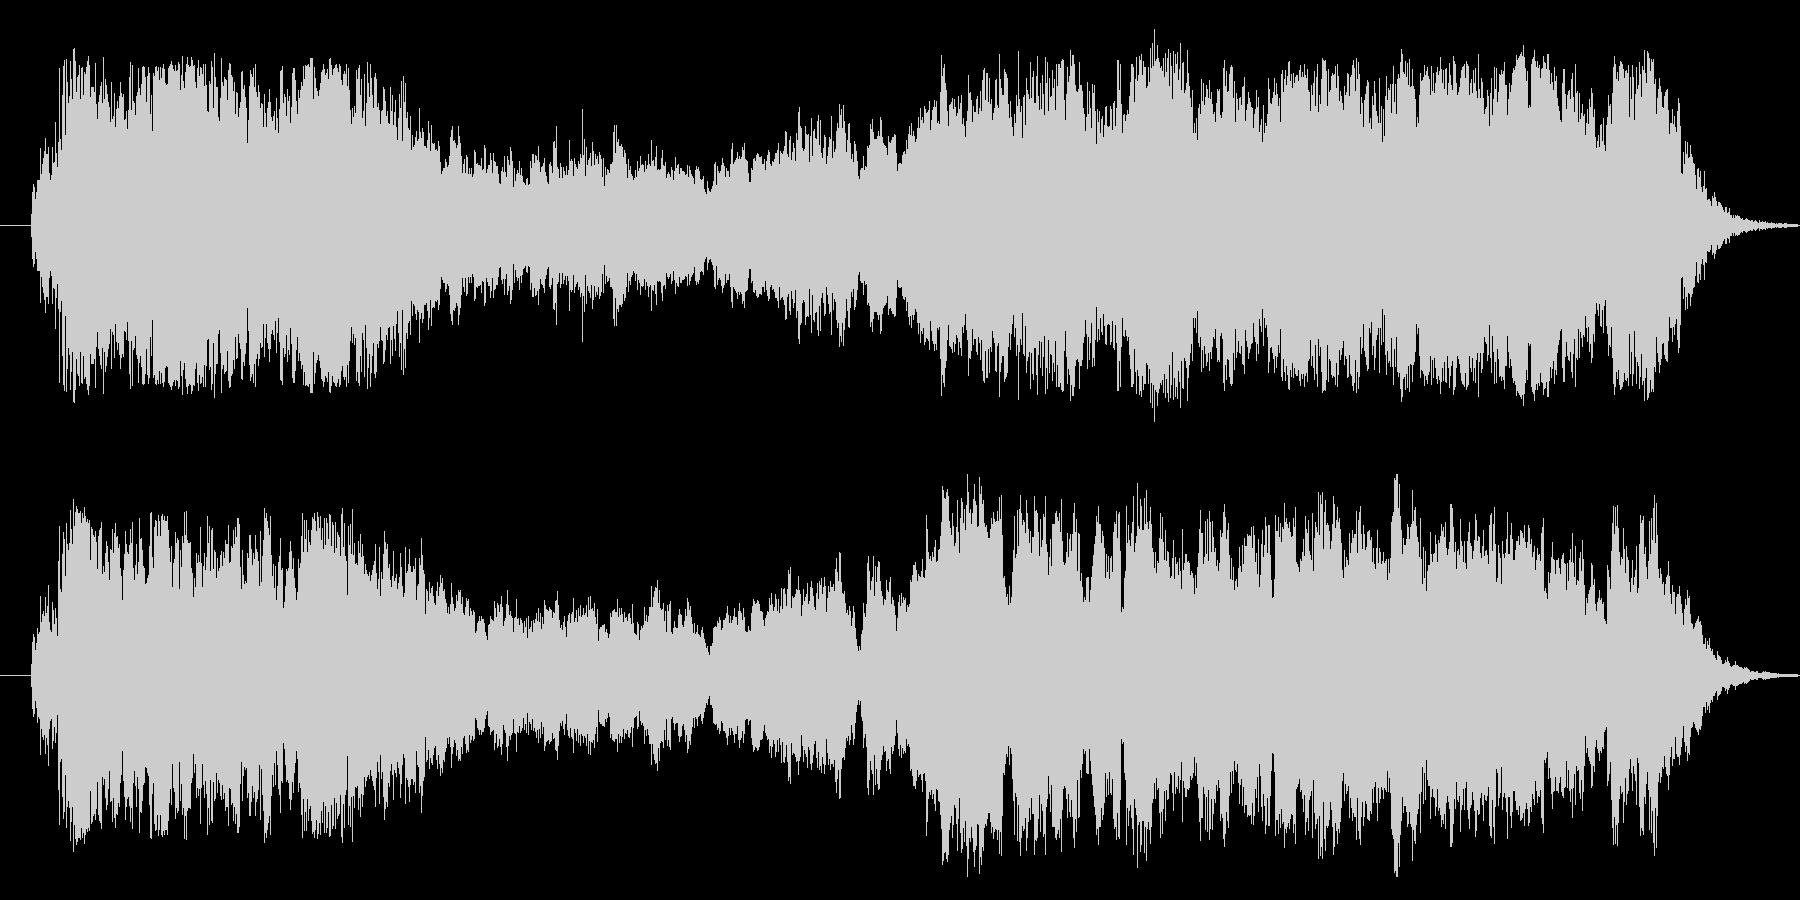 オーケストラによる壮大なファンファーレ…の未再生の波形